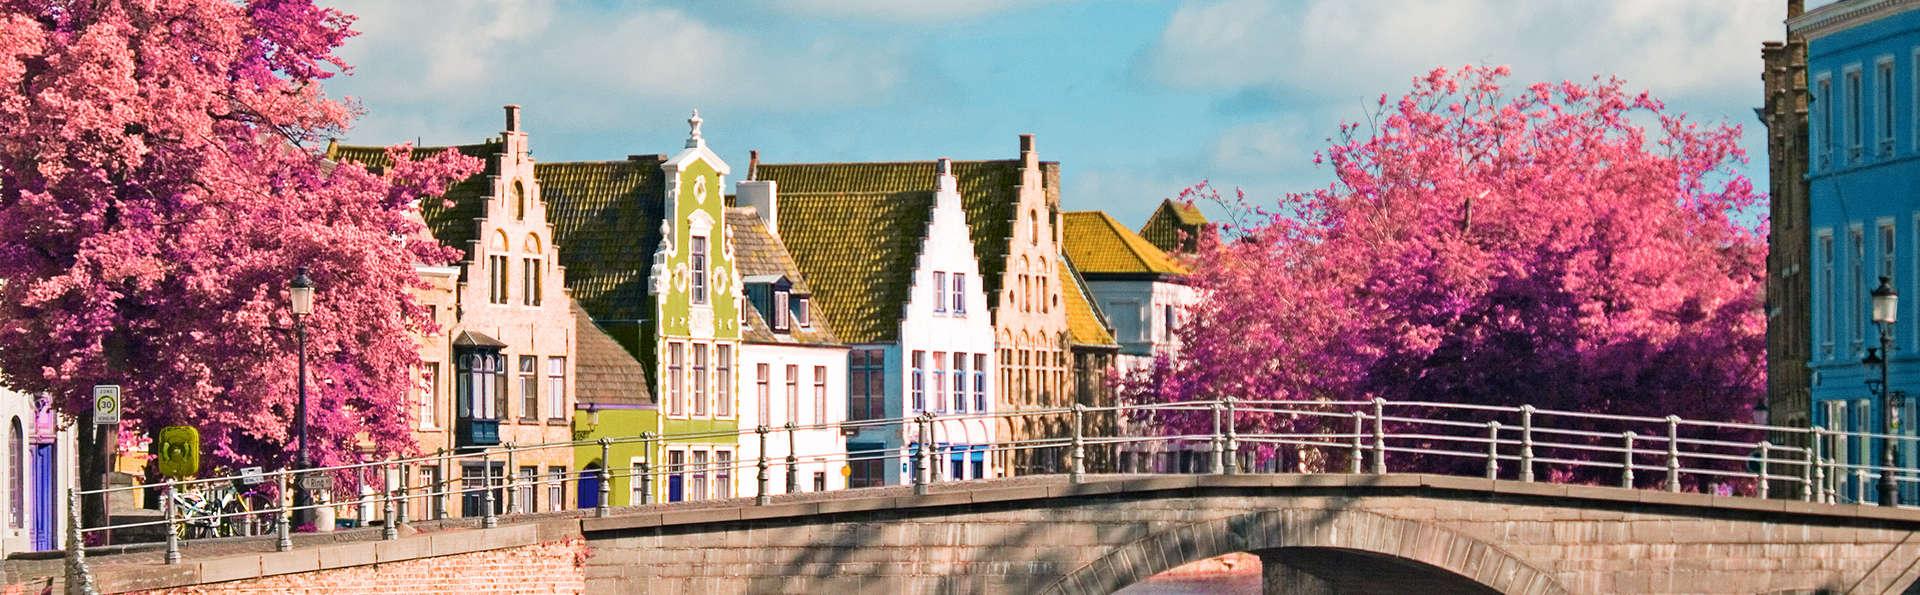 Découvrez les merveilles de Bruges (à partir de 2 nuits)